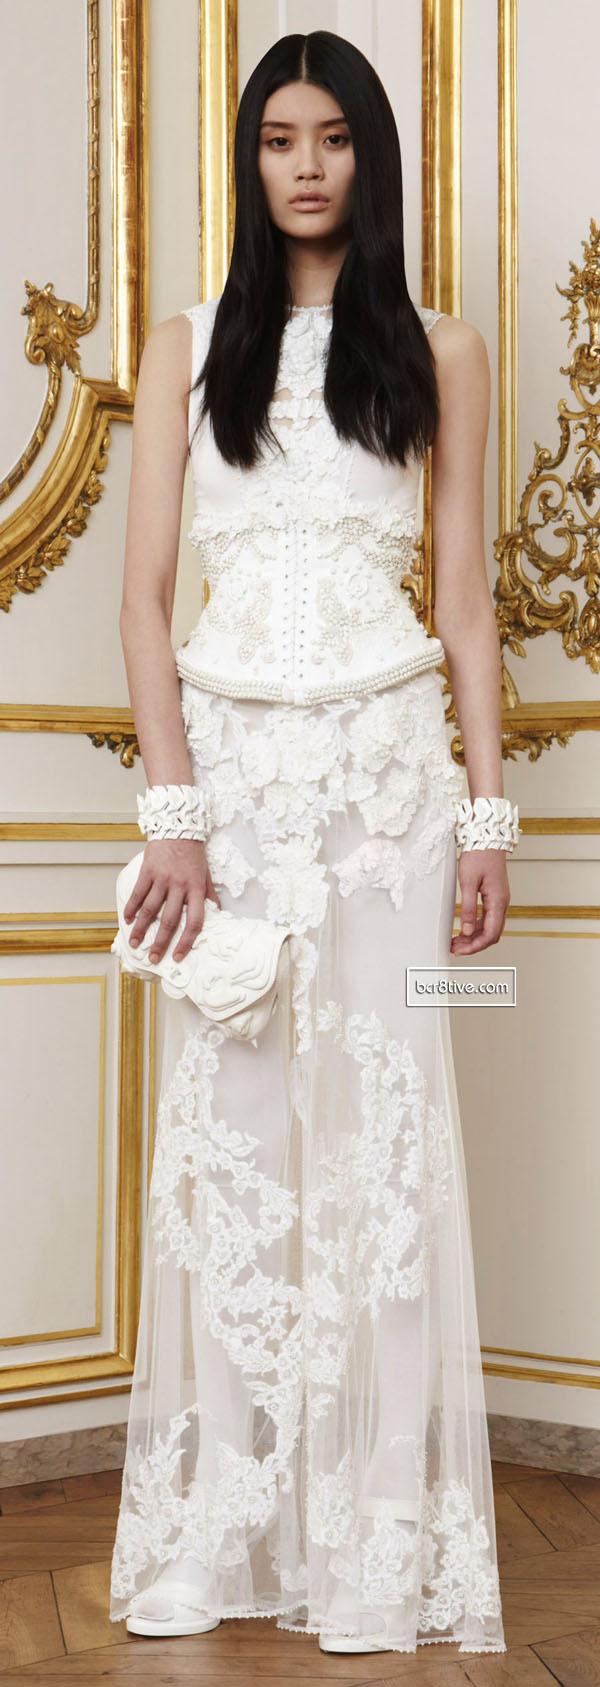 Ming Xi - Givenchy